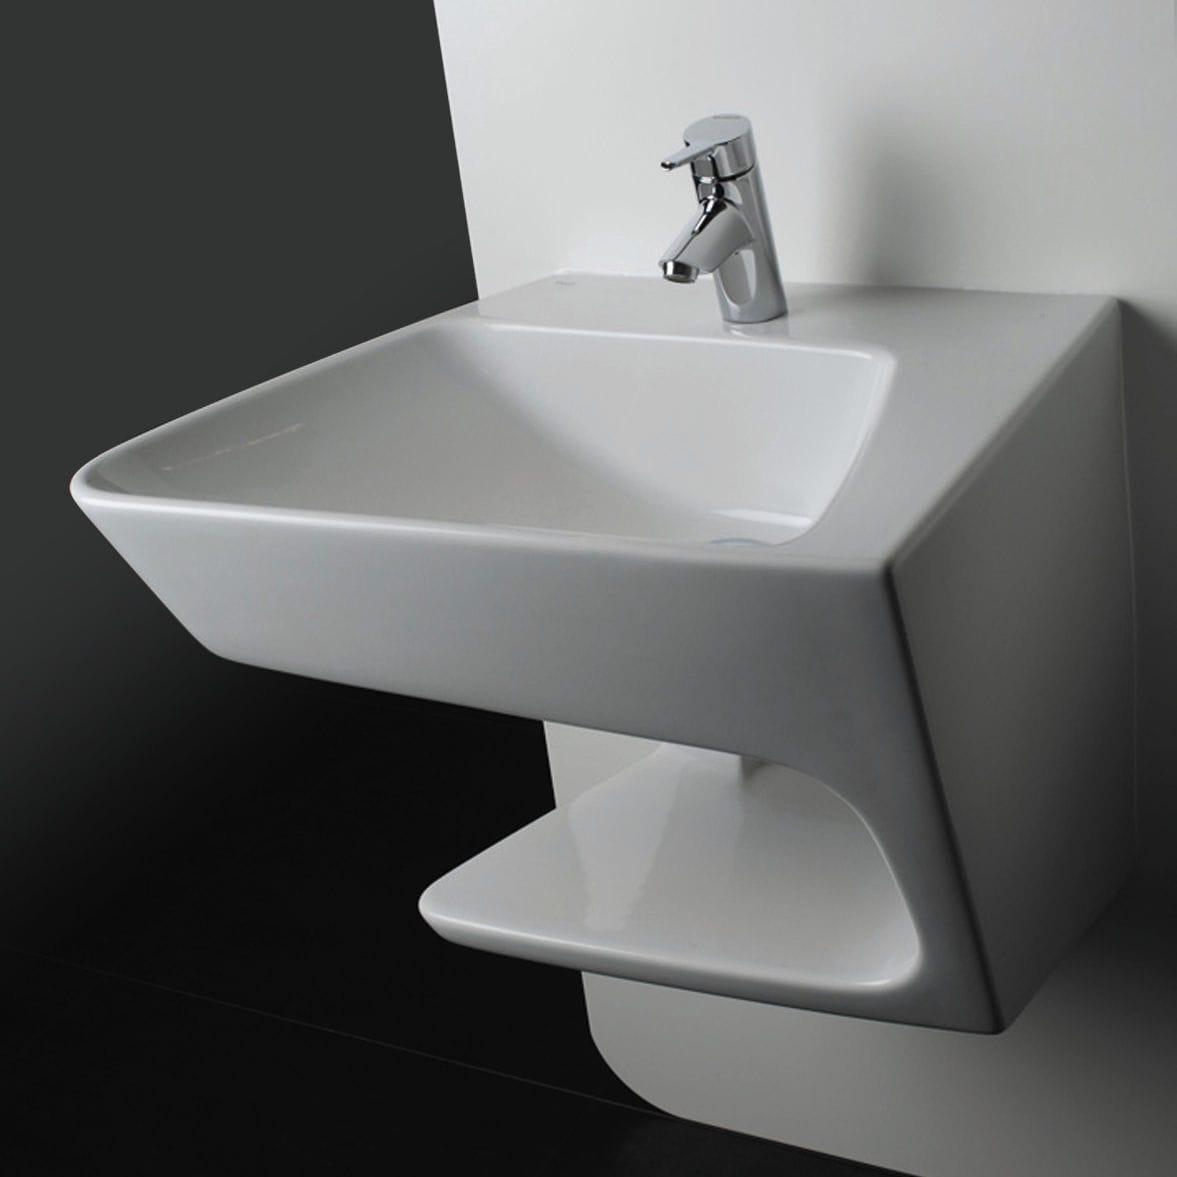 Wand Waschbecken Keramik Modern Mit Ablage Link Right